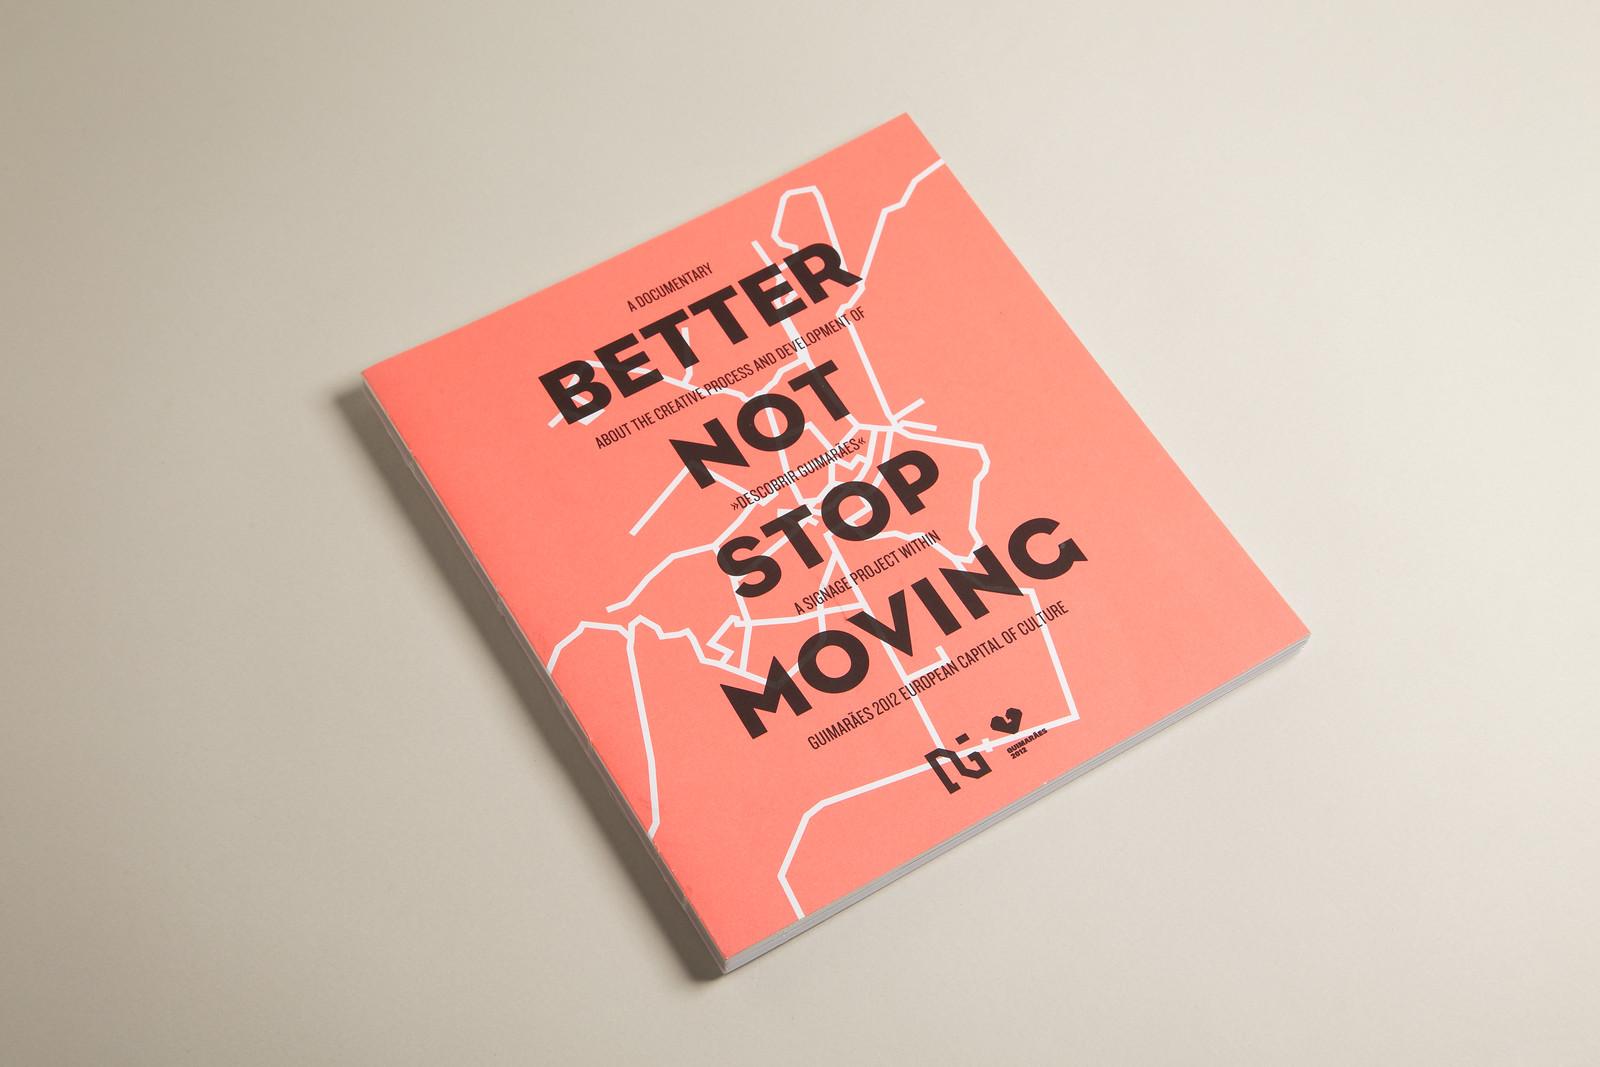 Descobrir Guimarães / Better Not Stop Moving